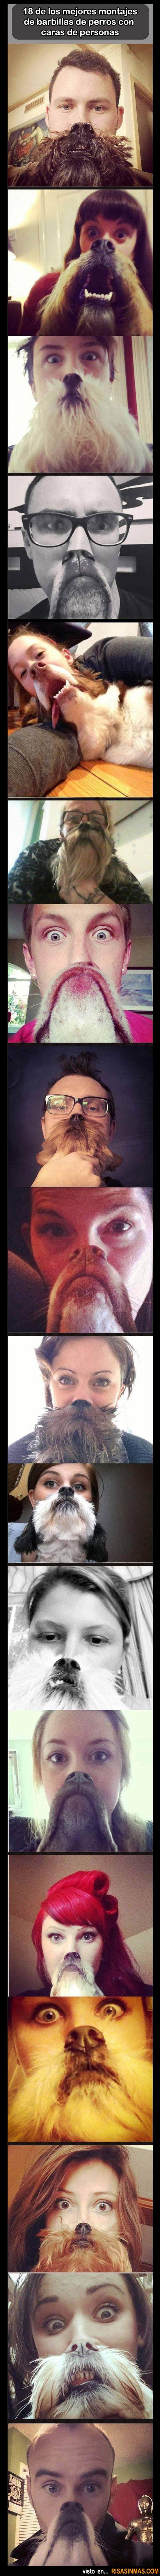 Caras de personas con barbillas de perros.